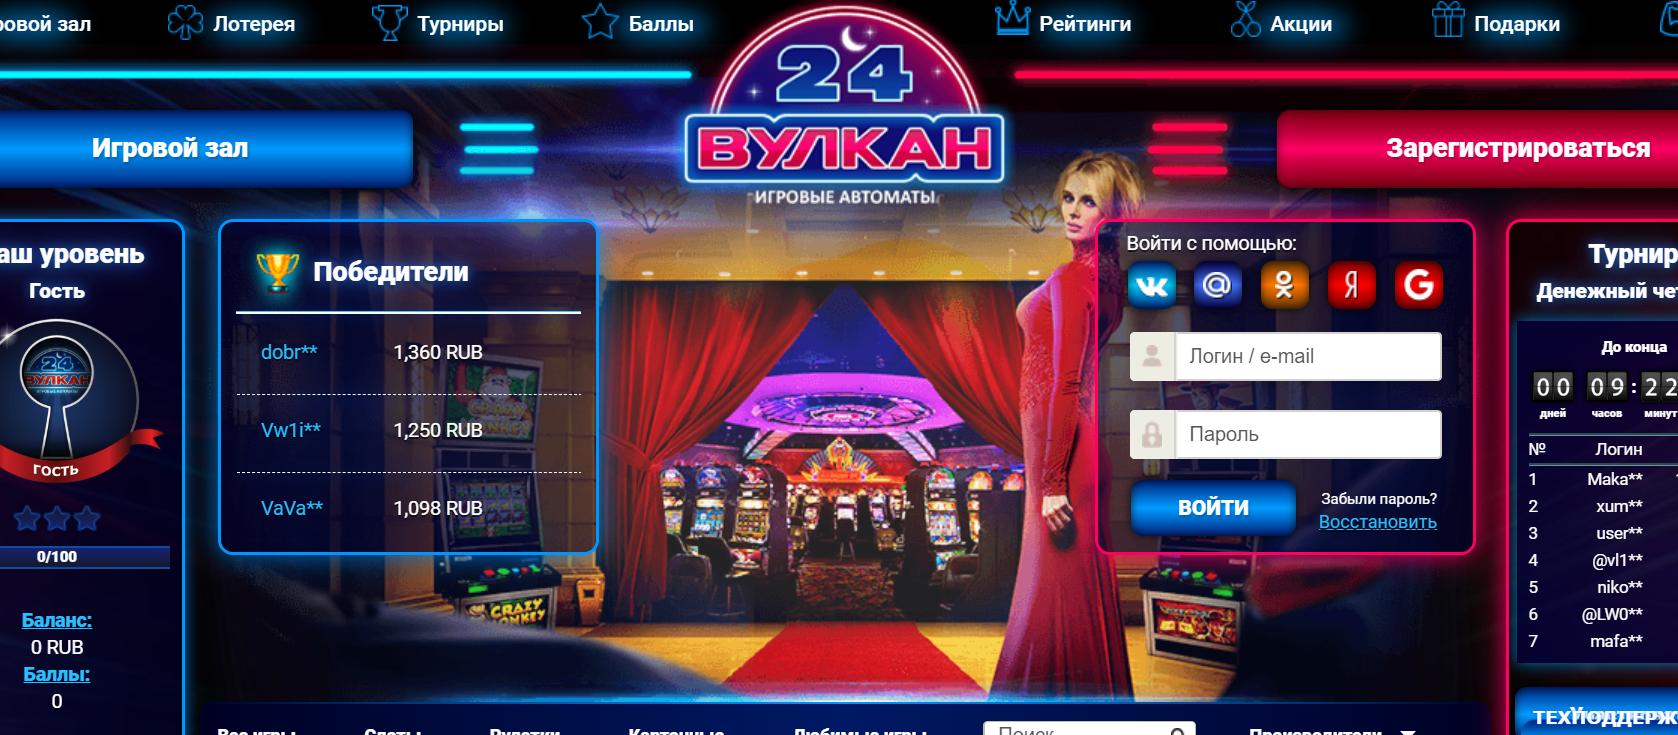 Автоматы в казино Вулкан 24 – способ реального заработка